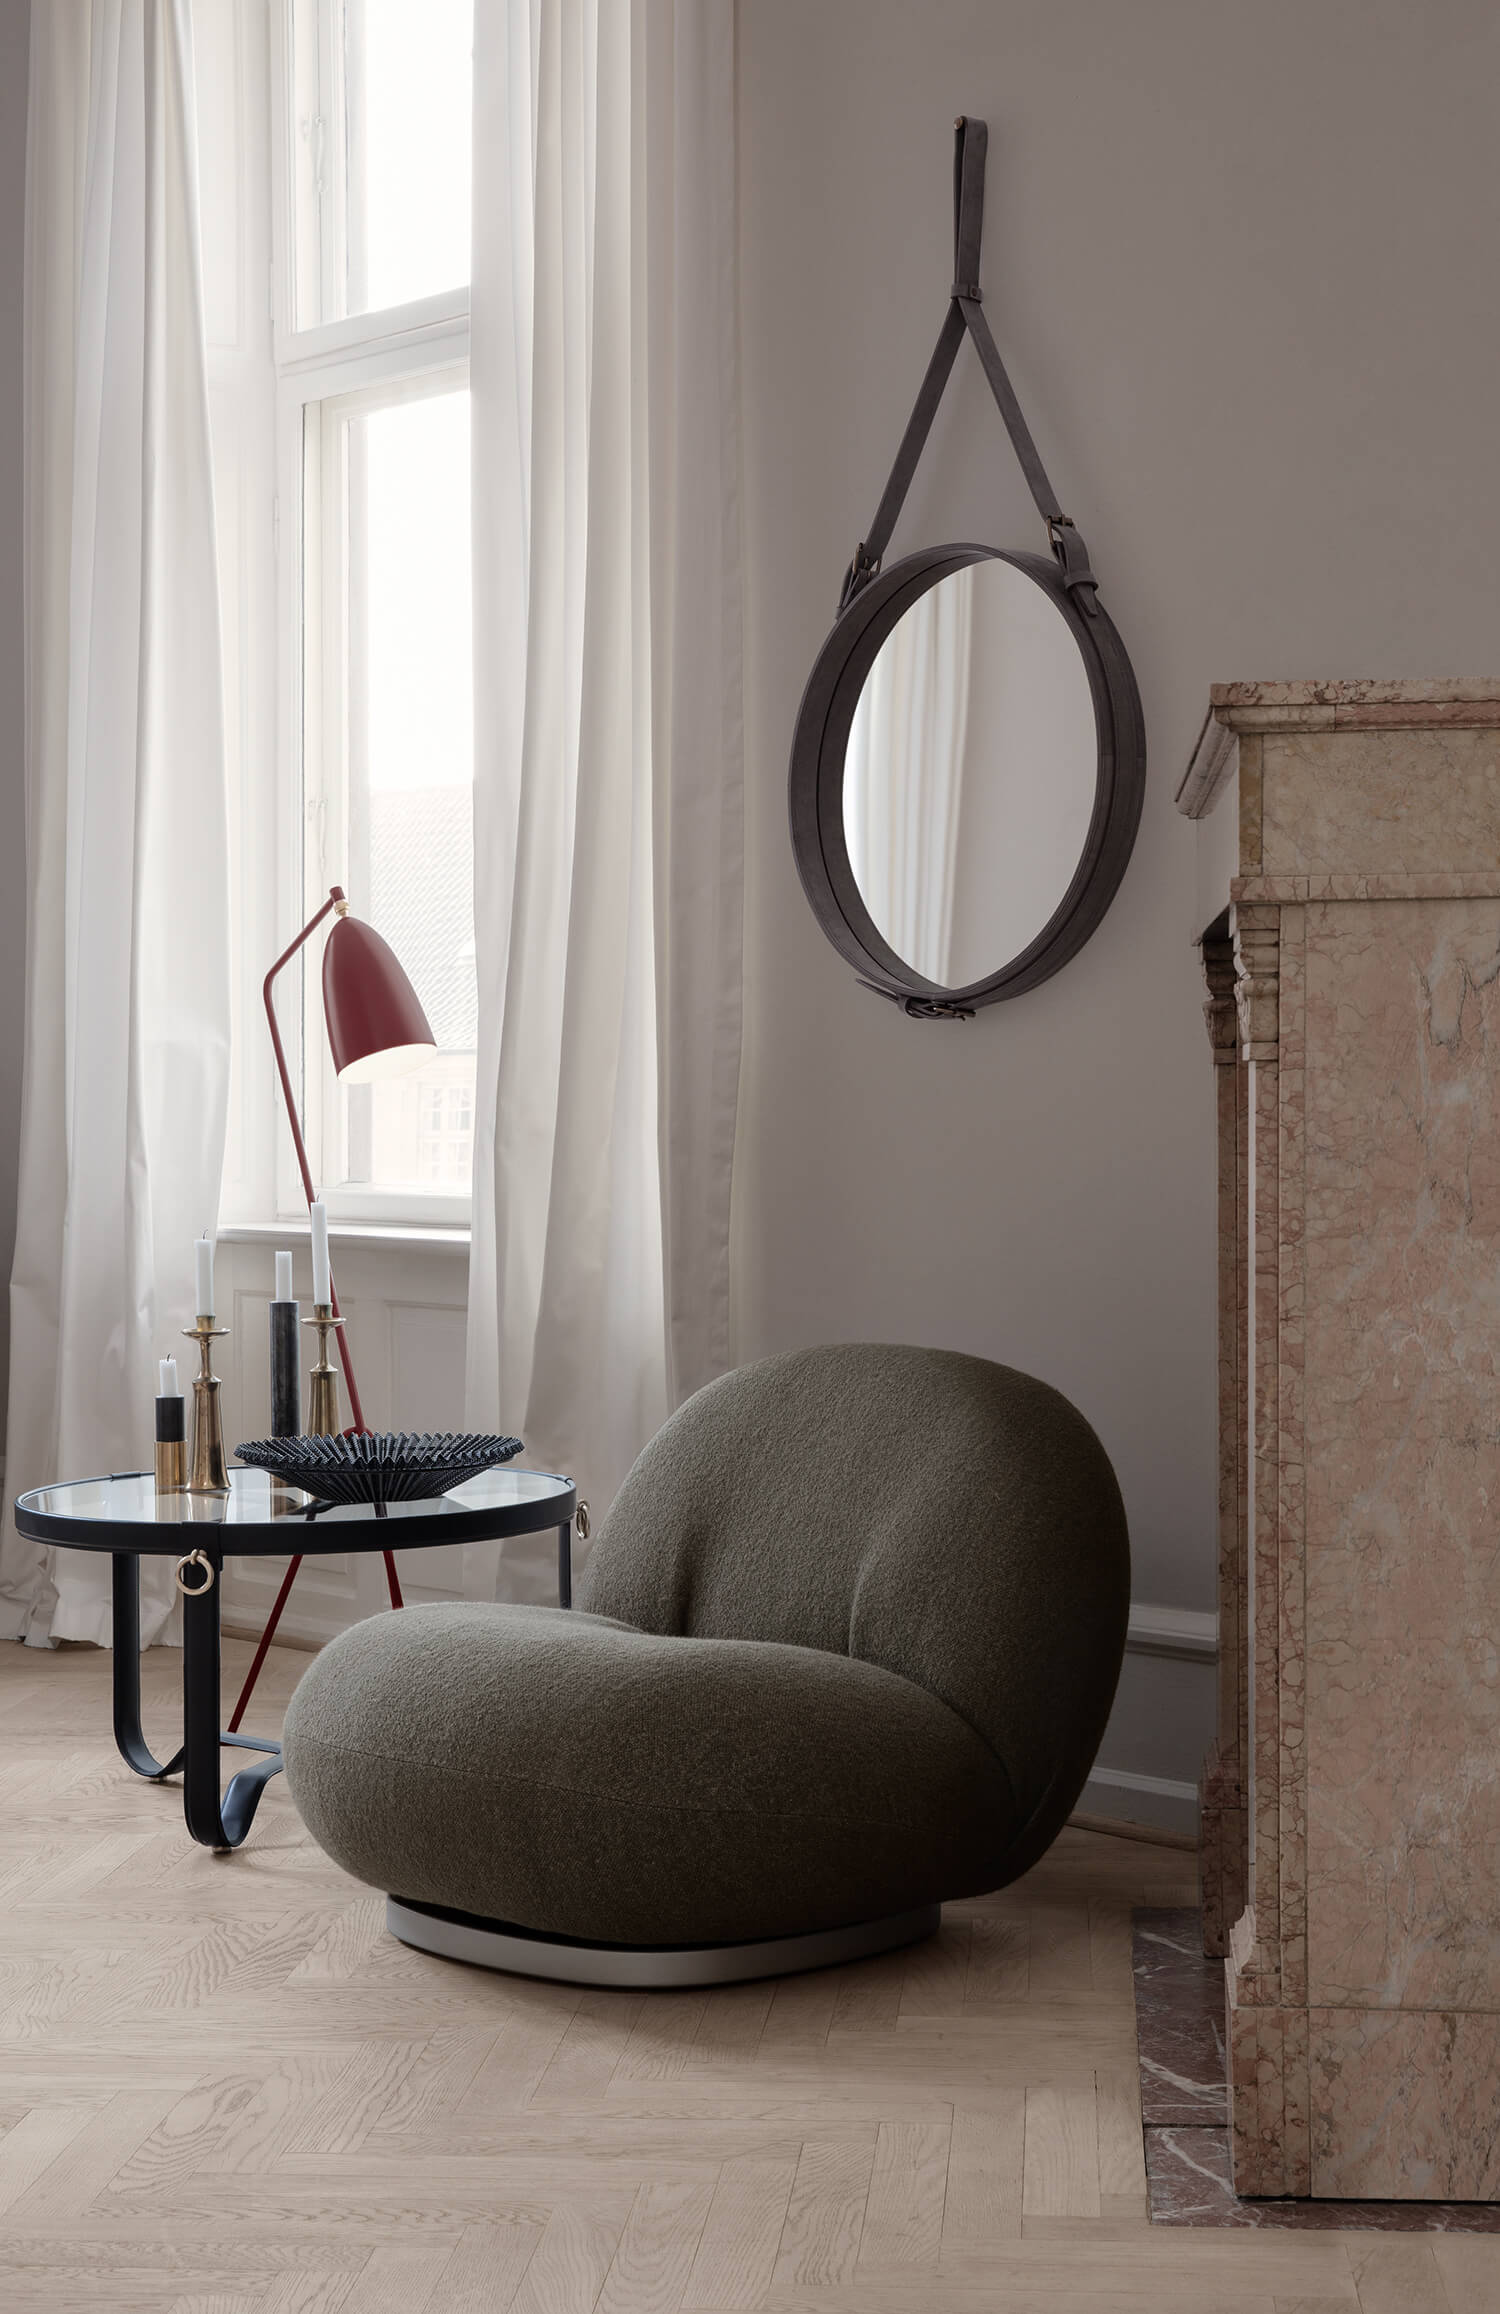 Le fauteuil Pacha par Pierre Paulin